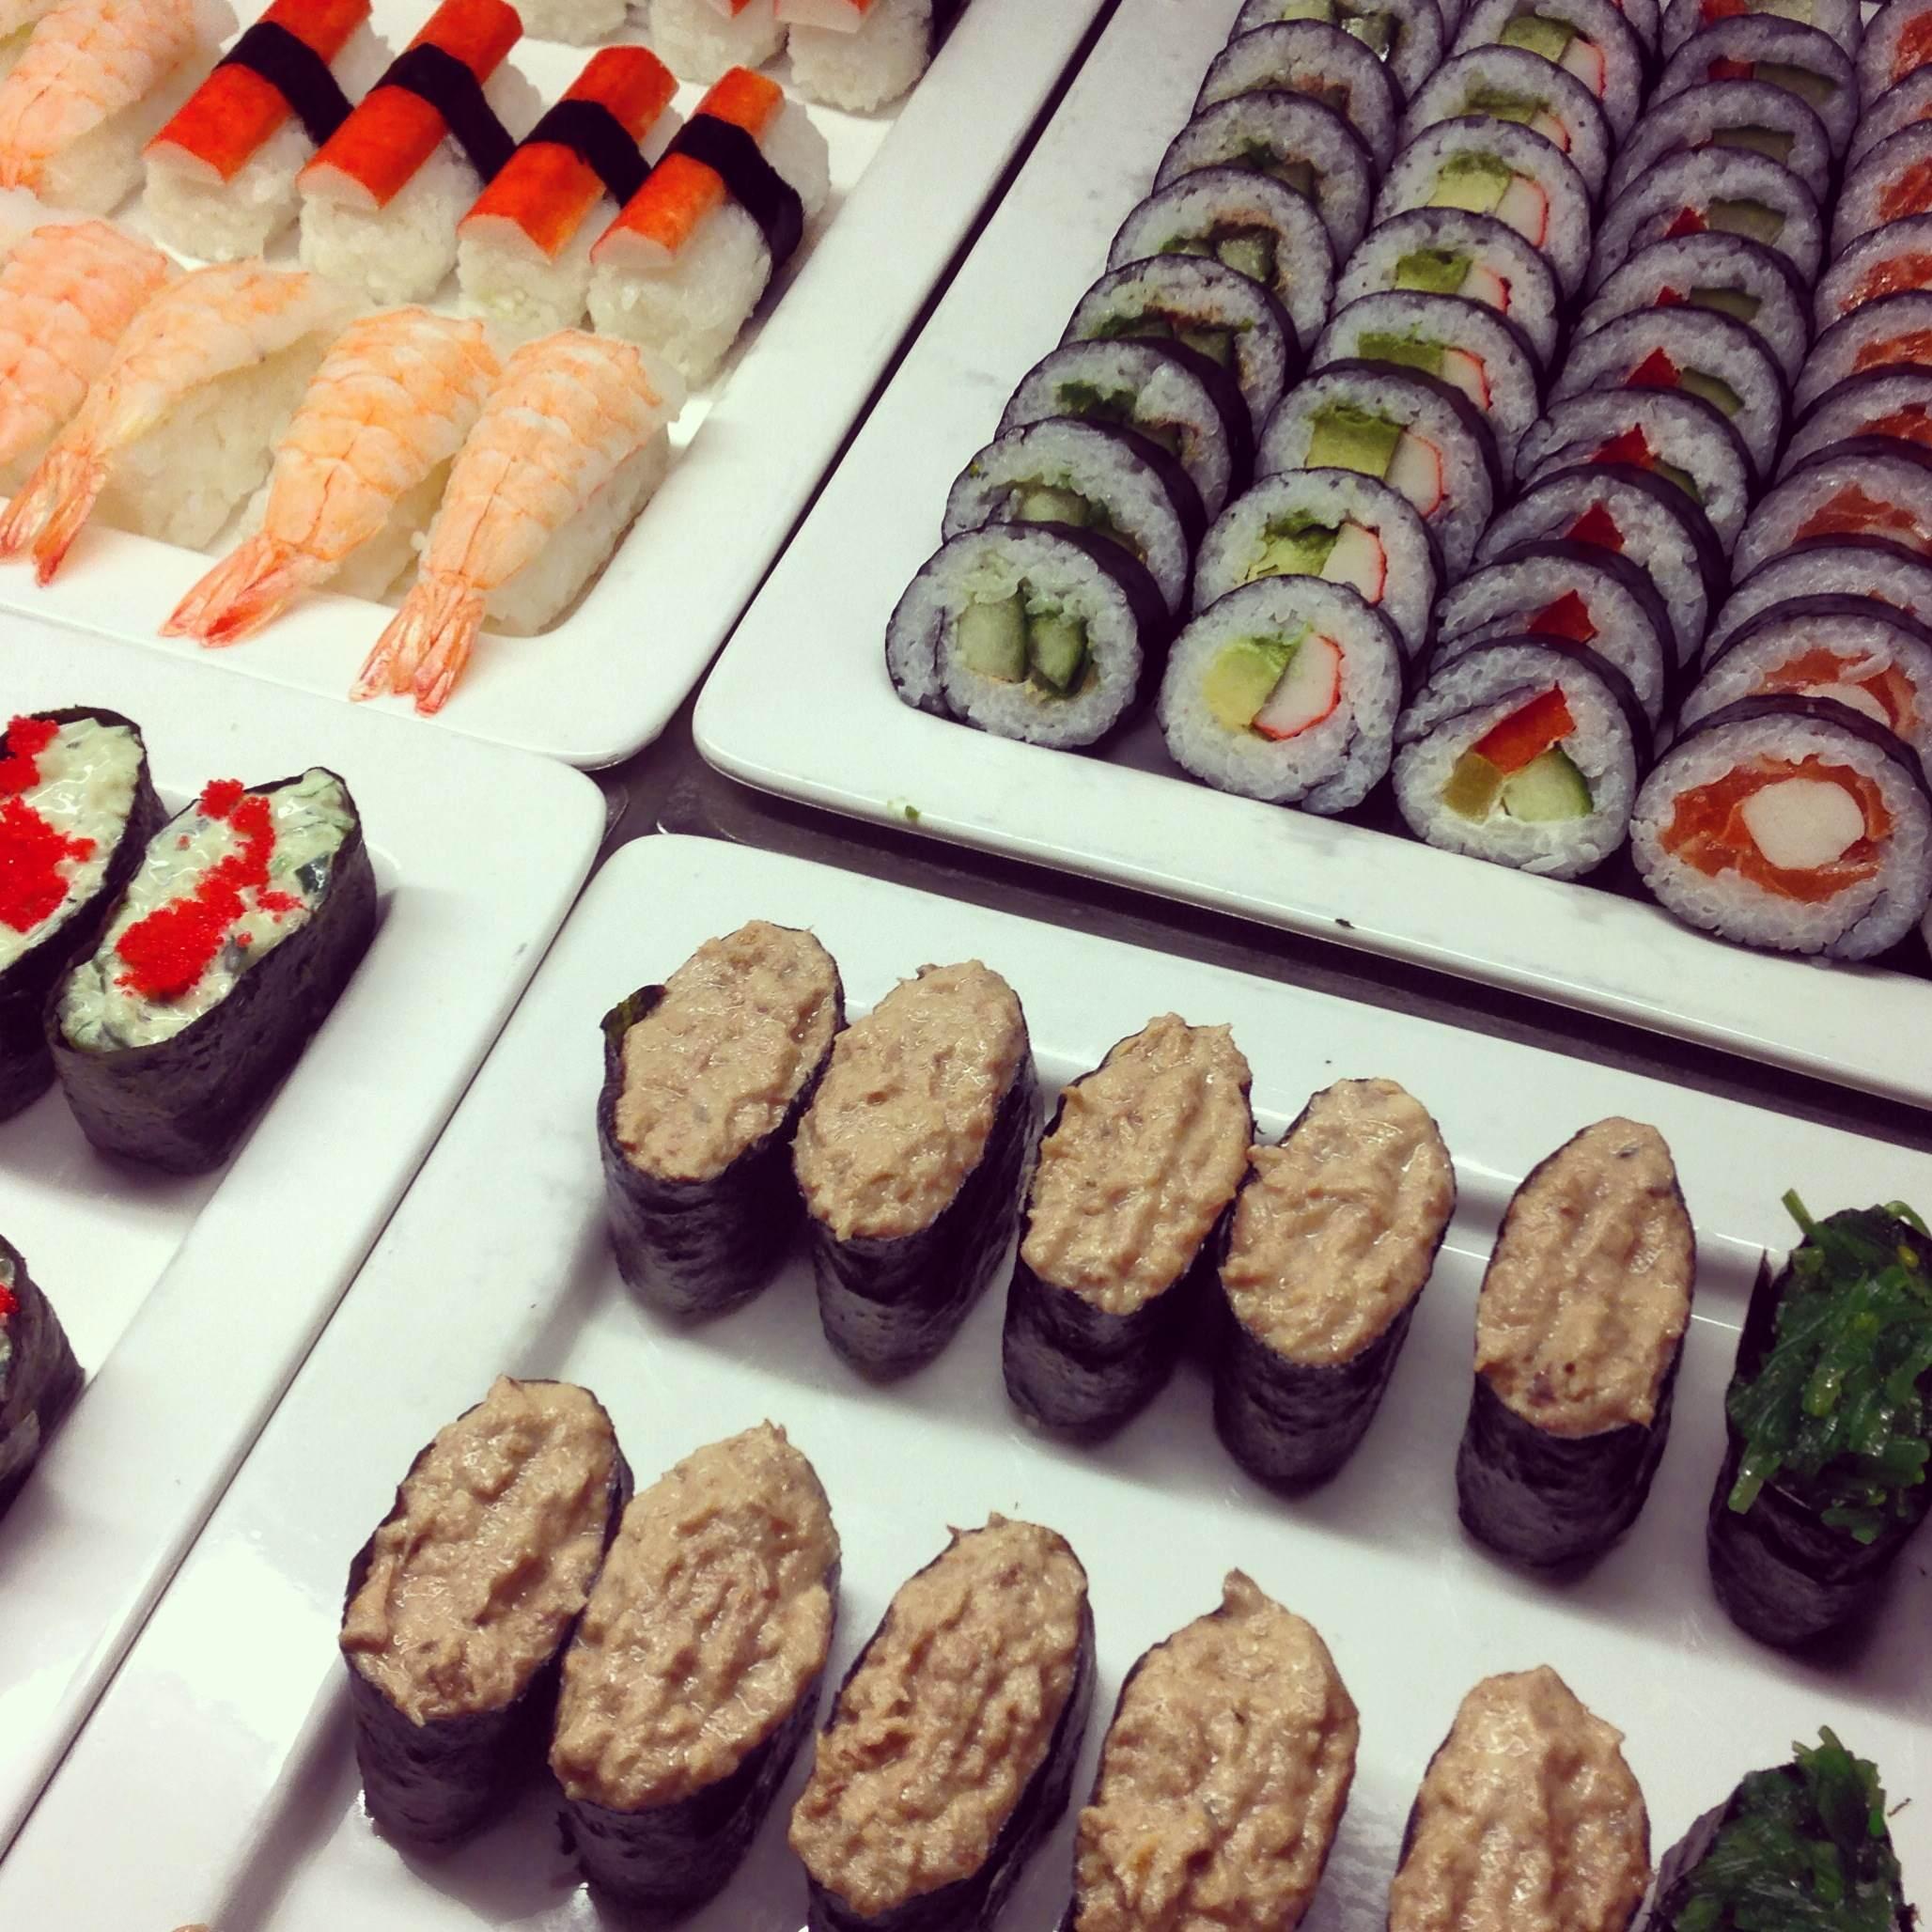 Royal Mekong, Hyvinkää: Laaja sushivalikoima buffetissa